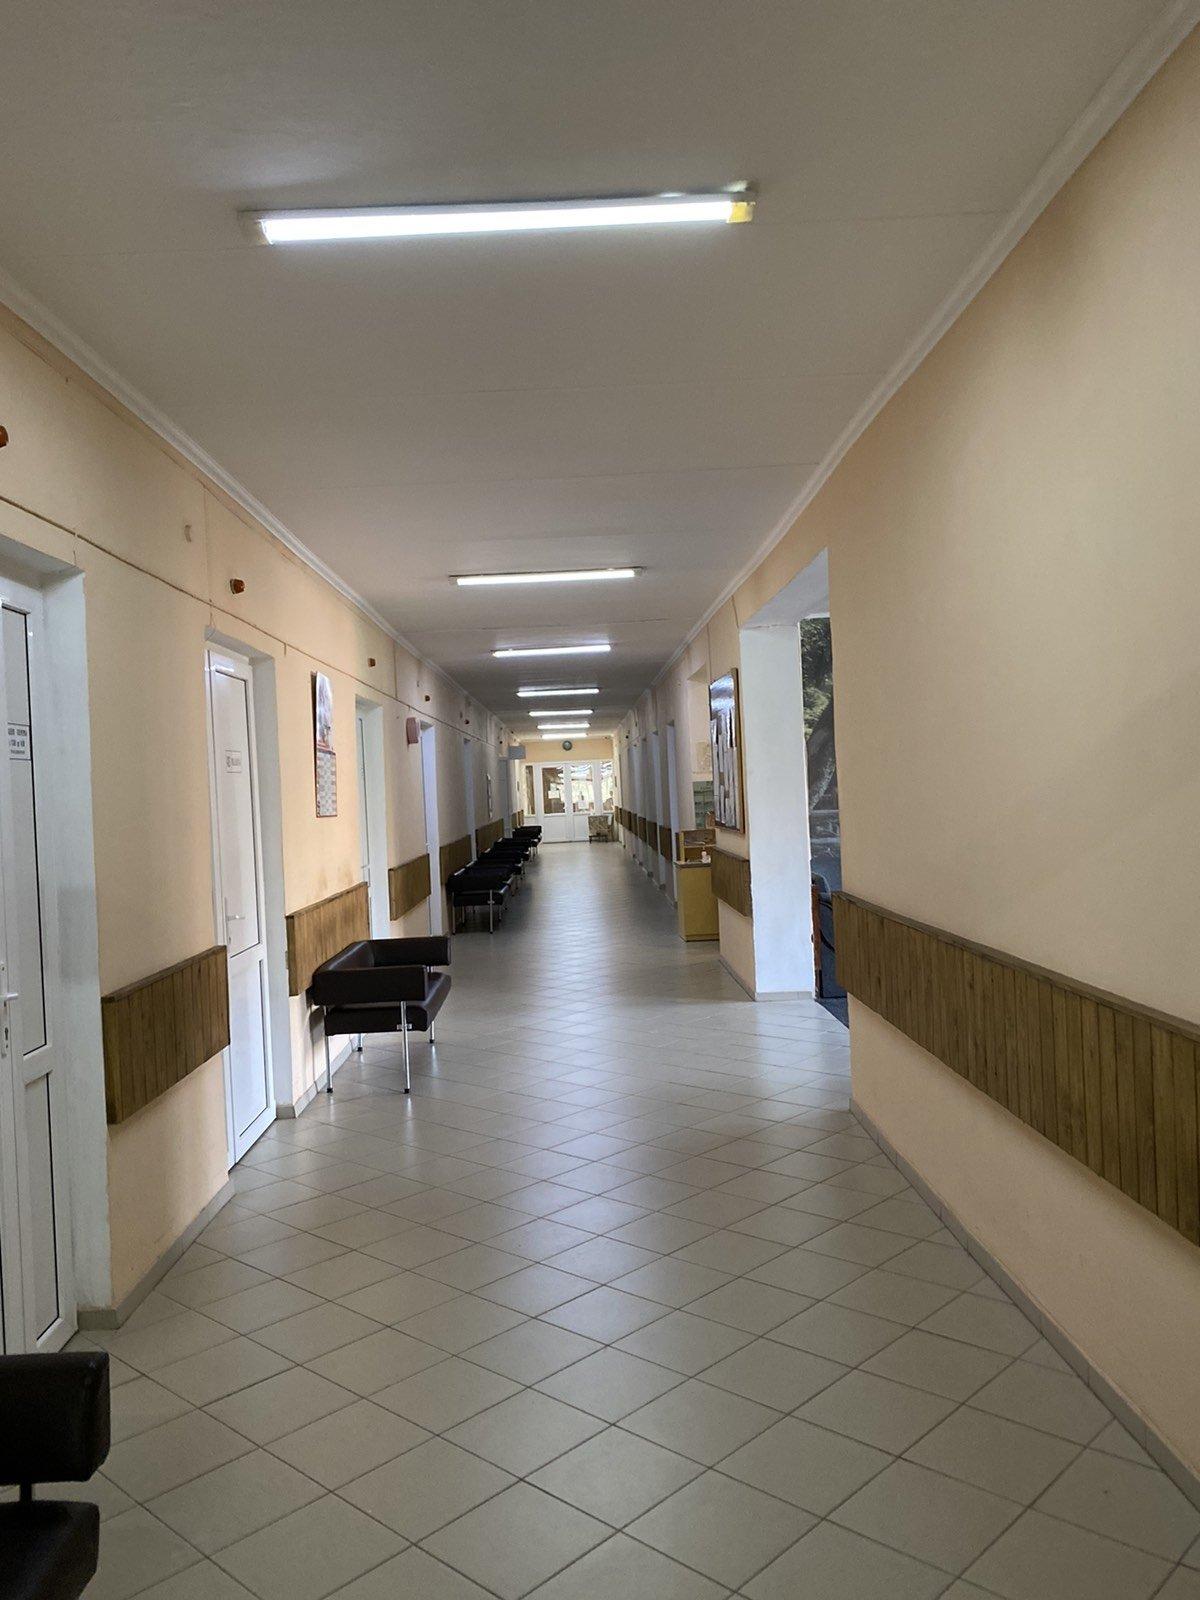 Приватні клініки та медичні центри Львова, фото-160